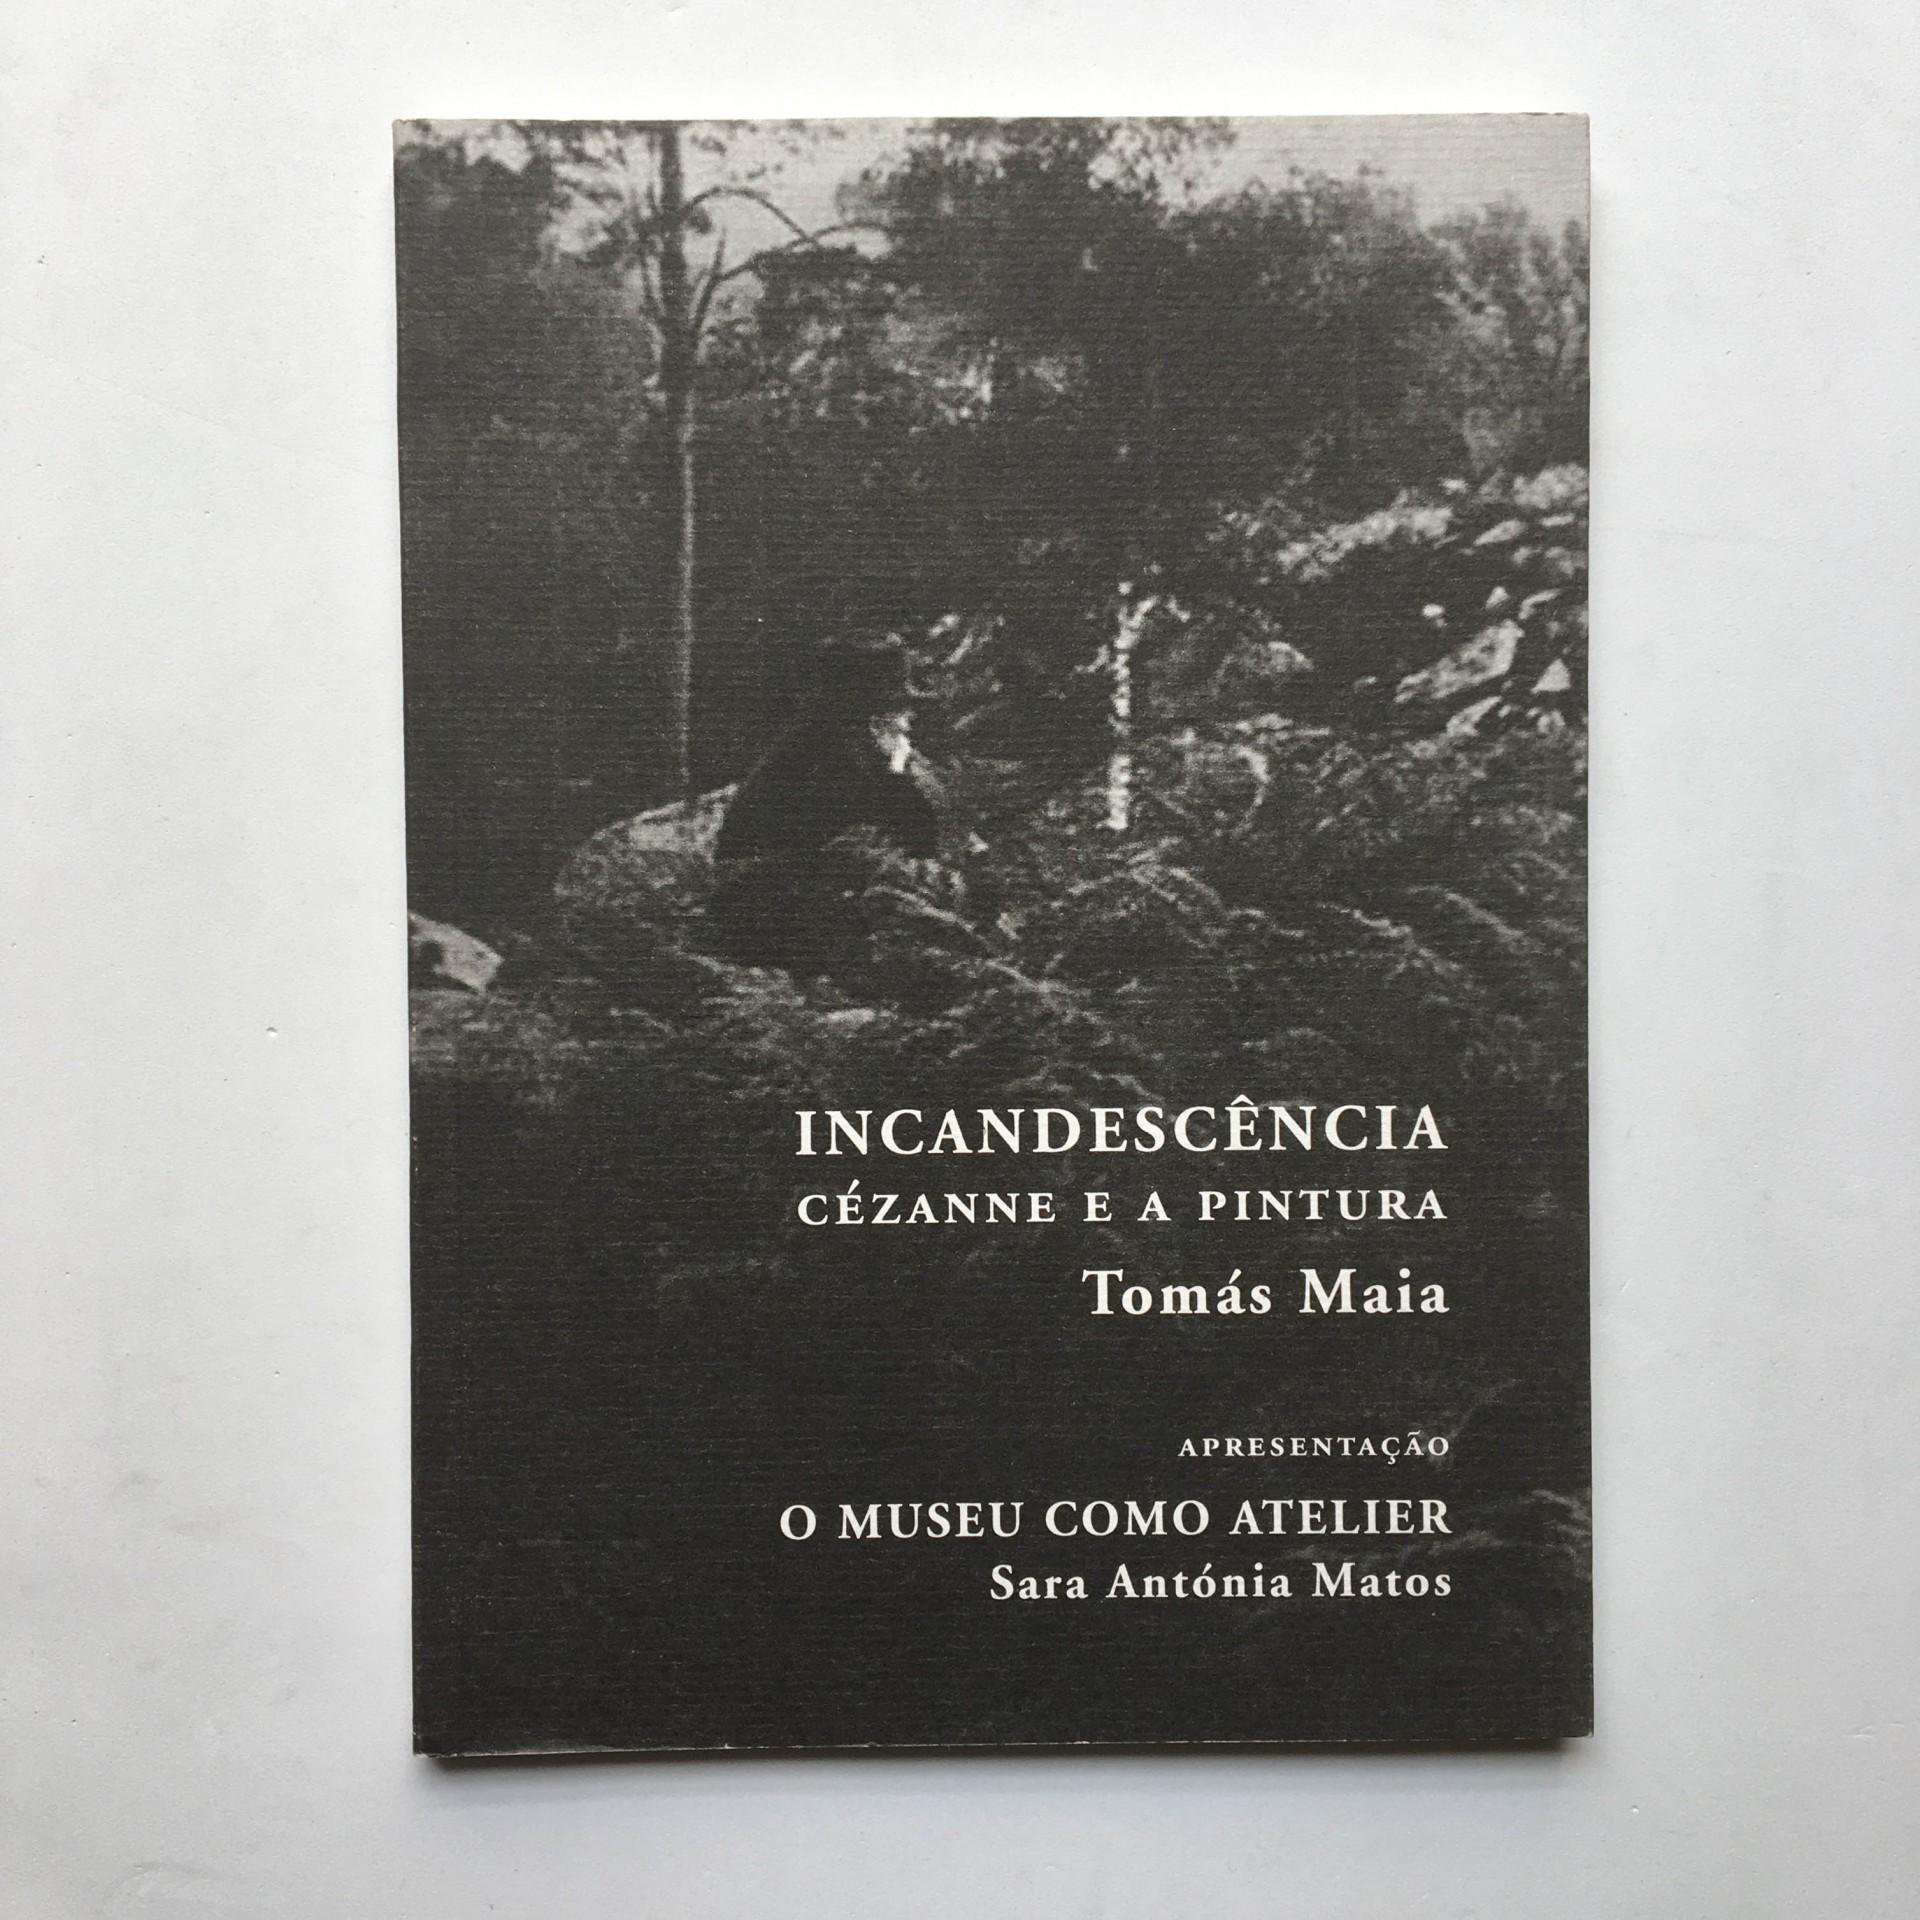 Incandescência: Cézanne e a pintura